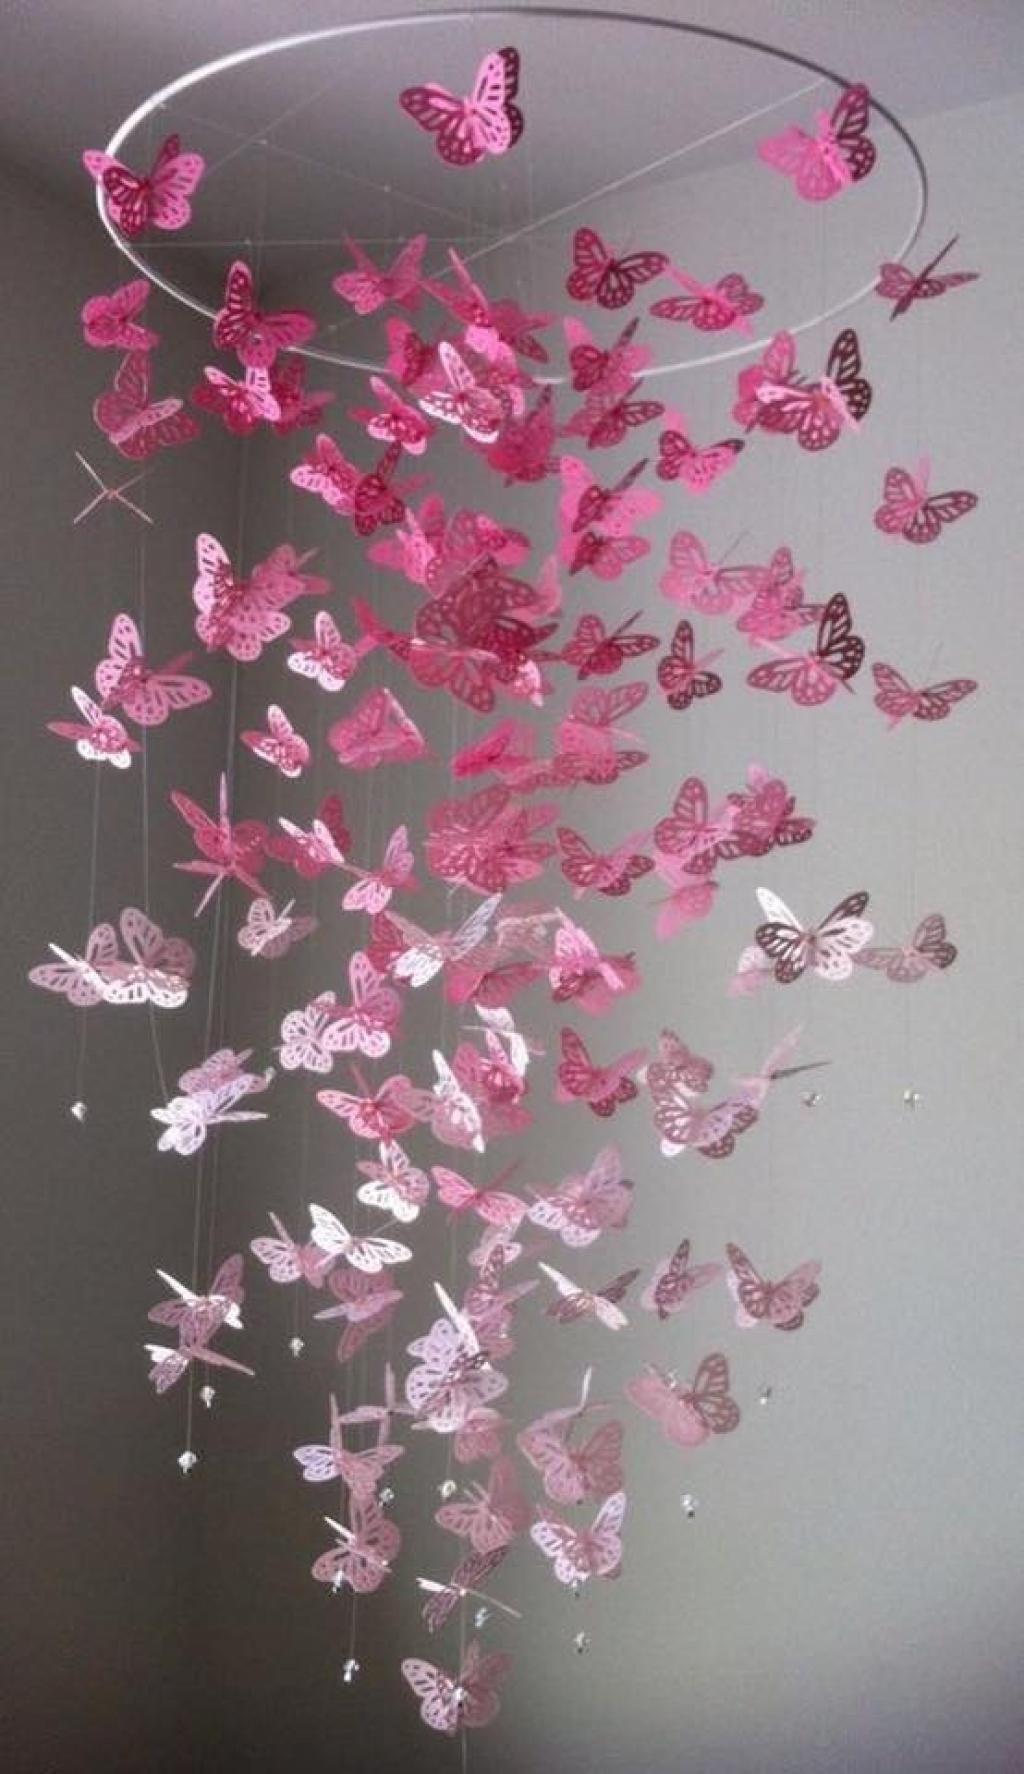 Elle coupe un carré dans un papier très coloré et en quelques plis seulement, elle réalise le plus magnifique des papillons!